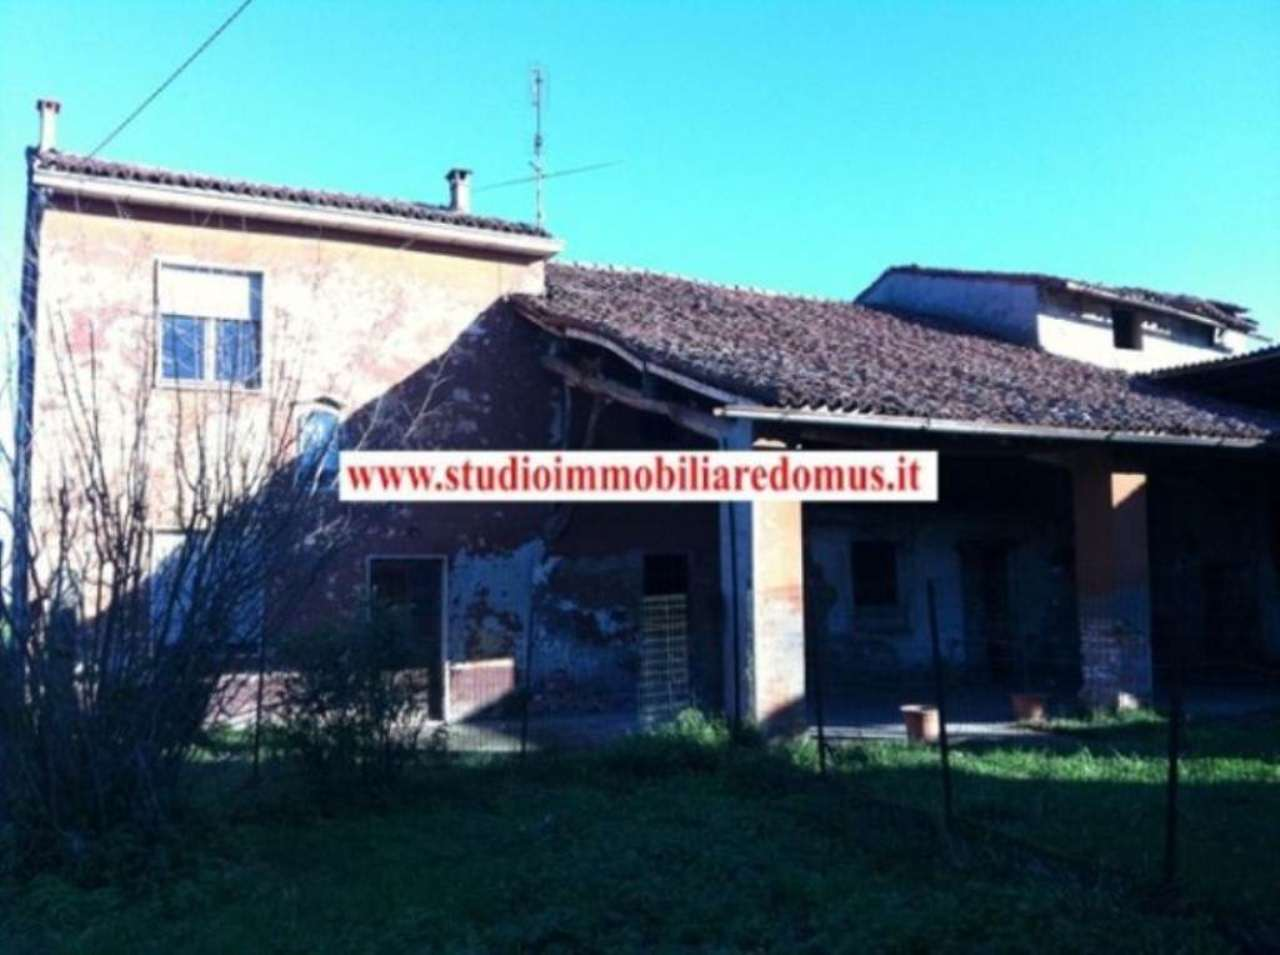 Rustico / Casale in vendita a Terranova dei Passerini, 6 locali, prezzo € 198.000 | Cambio Casa.it